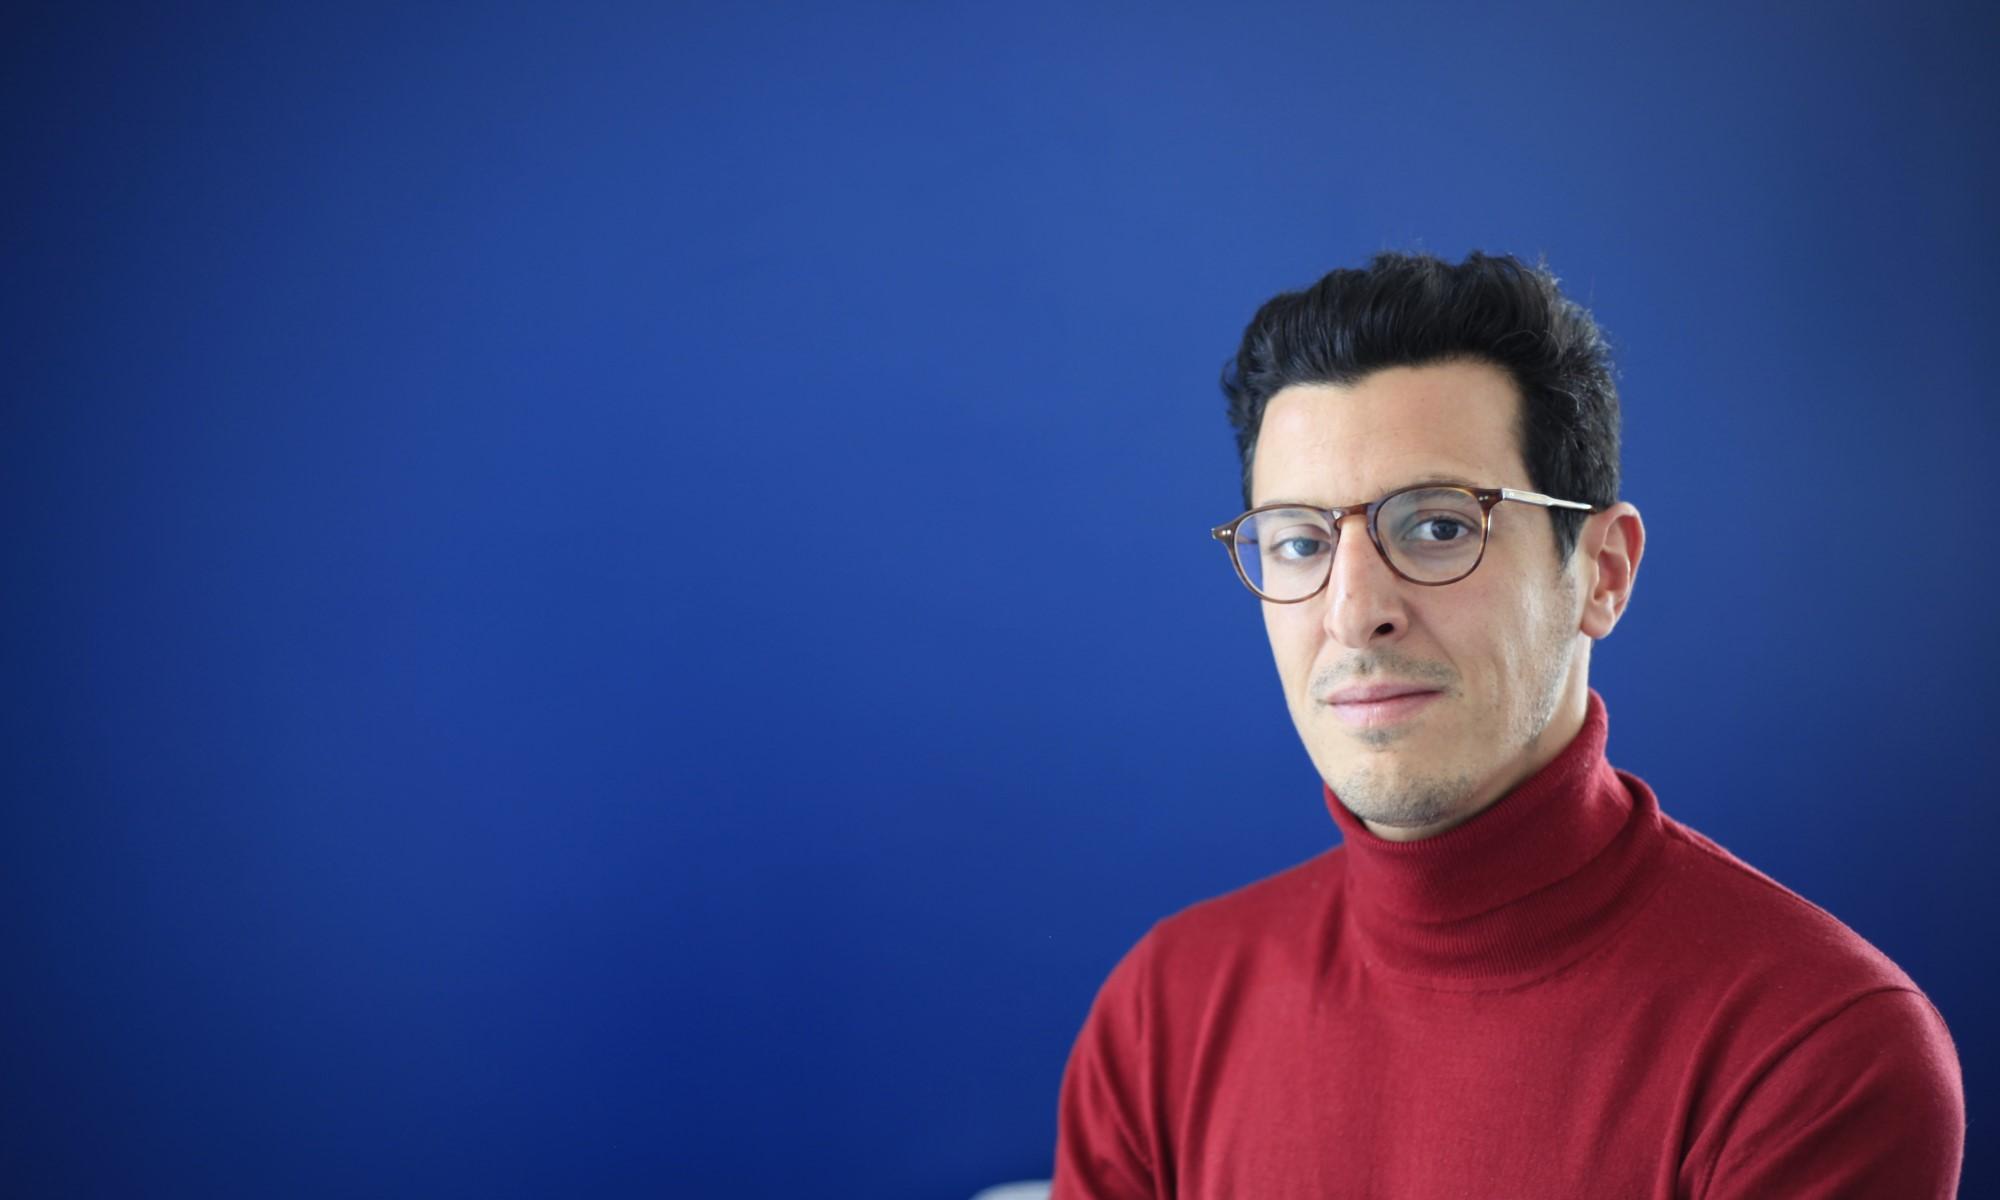 Amine Morjane, médecin généraliste en téléconsultation chez Concilio